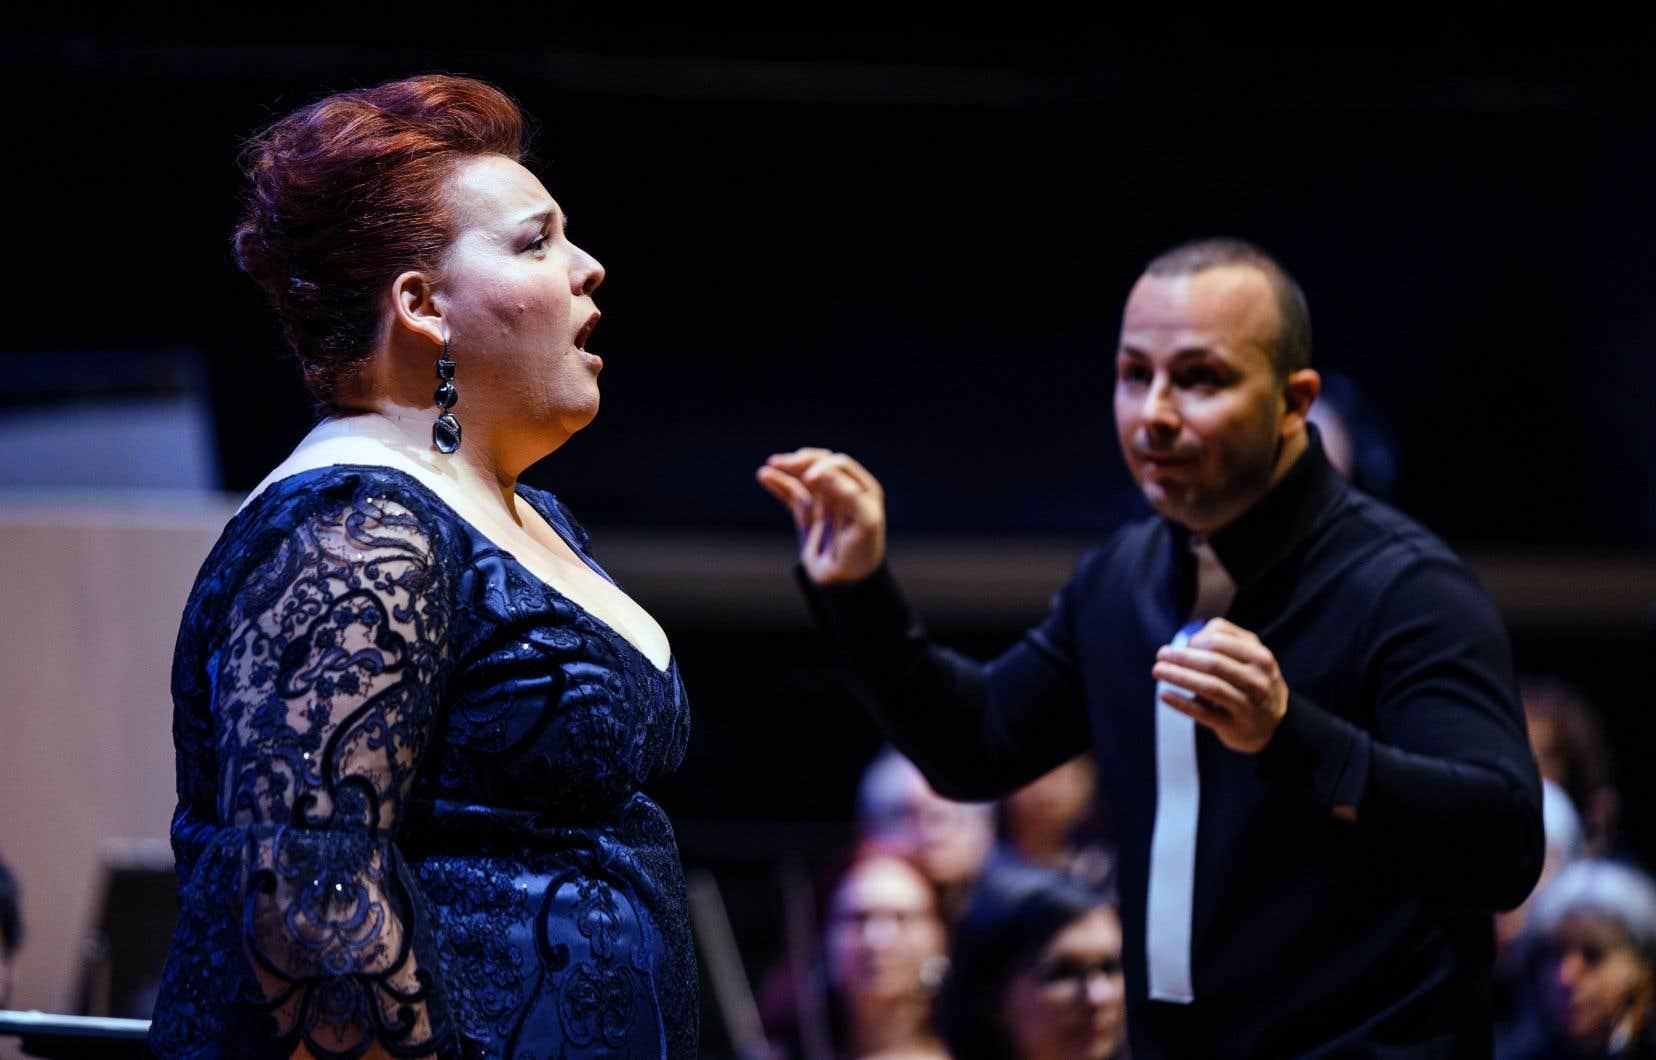 L'Orchestre symphonique de Québec propose le Mahler de la grande dame d'ici Nicole Lemieux.